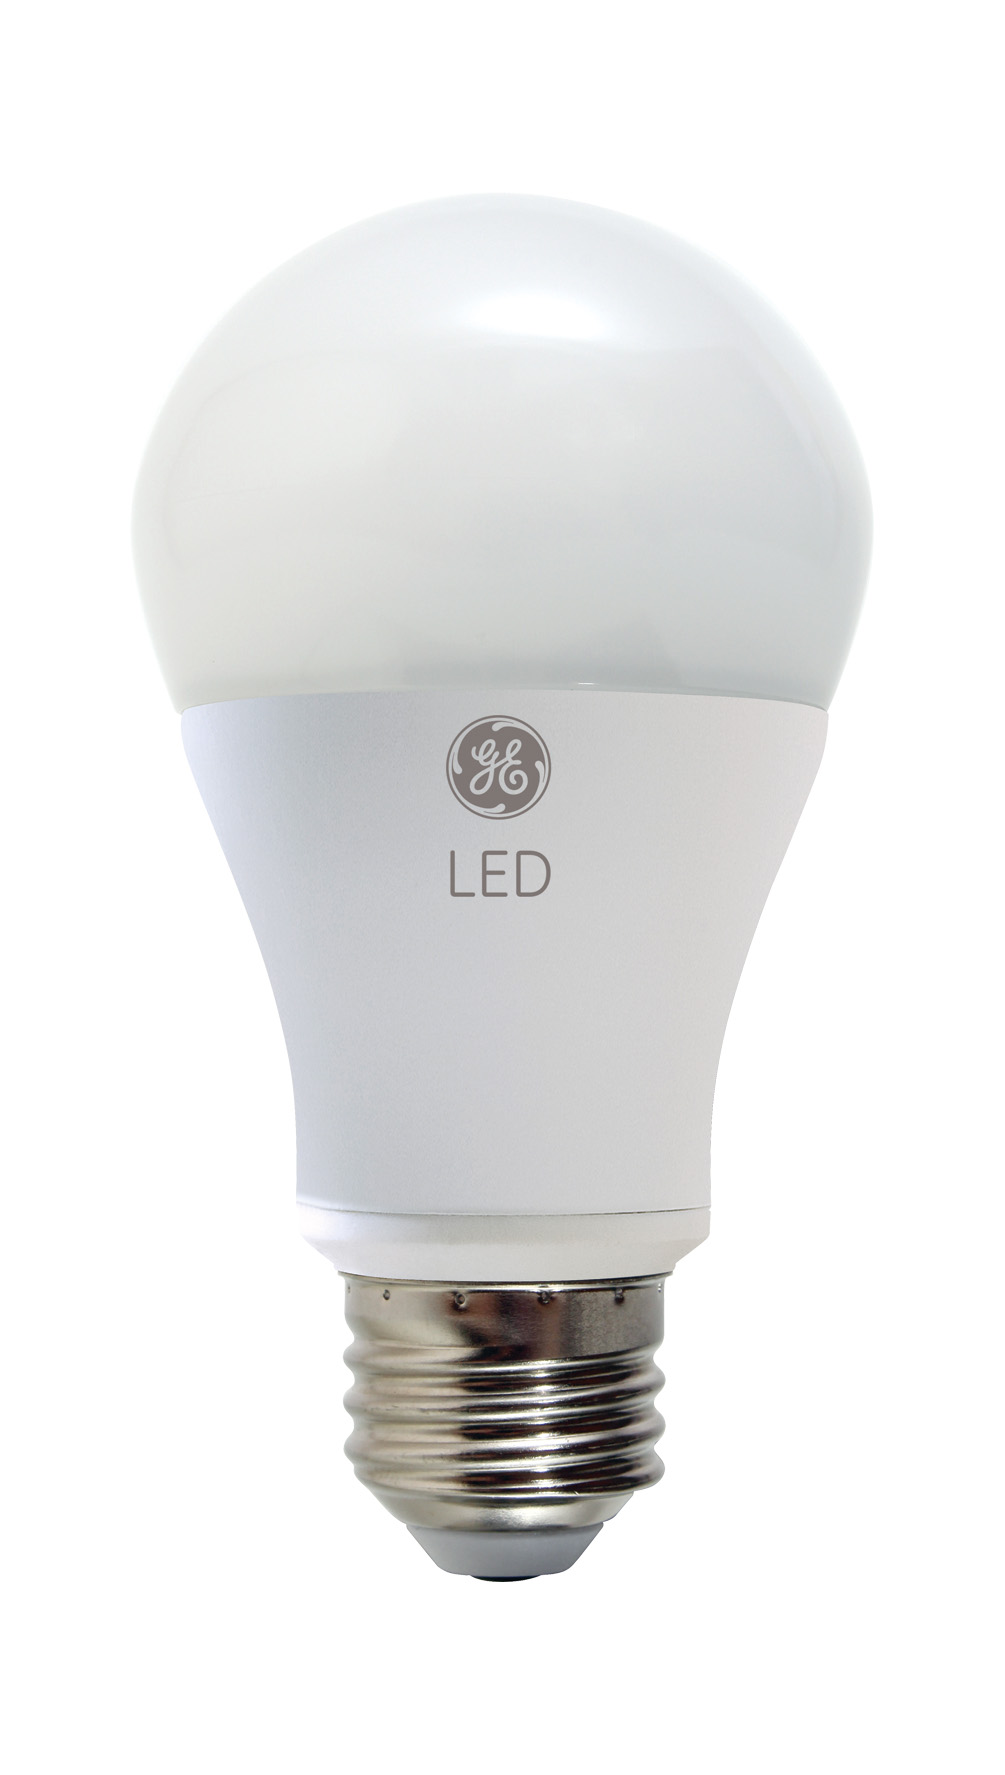 Led Light Shop Mail: 5 Consumer Trends Driving GE LED Lighting Design, Consumer